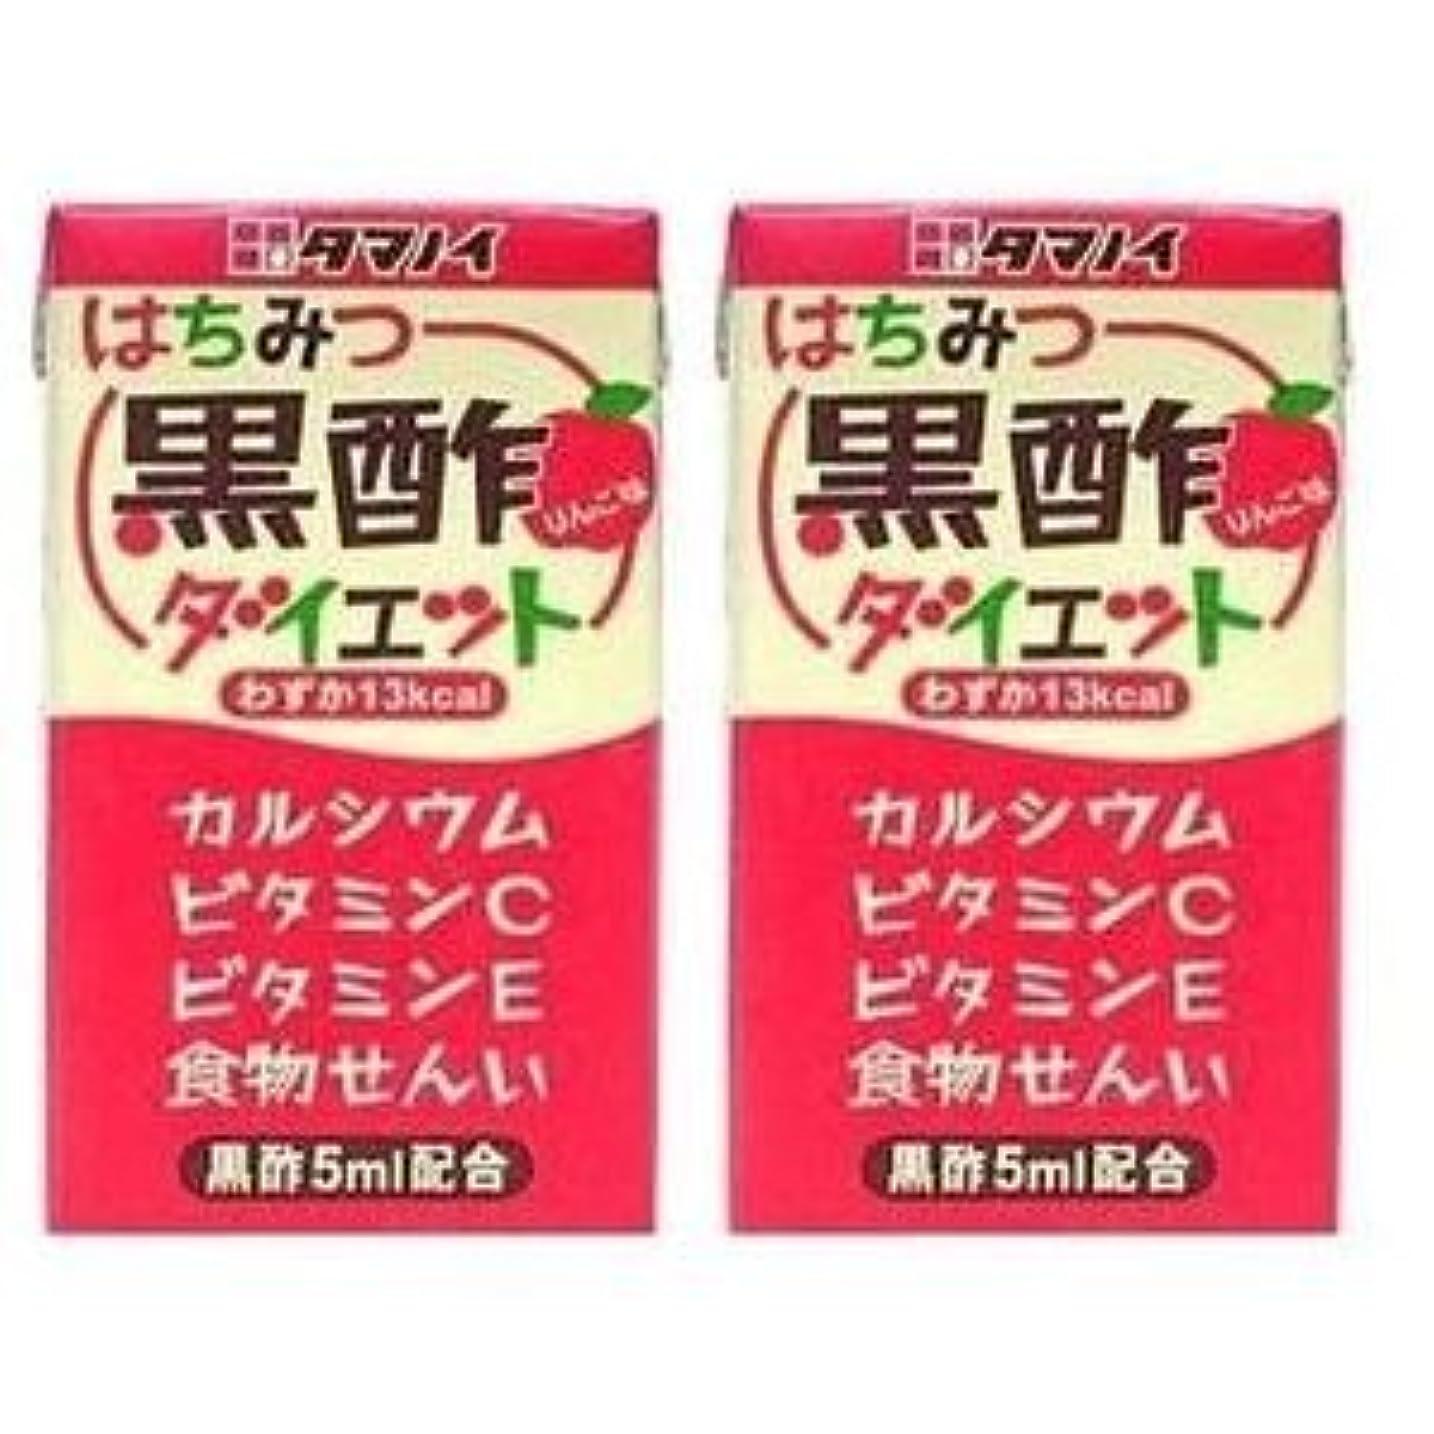 エンゲージメント薄暗い狐はちみつ黒酢ダイエットLL125ML0 タマノ井酢(株)